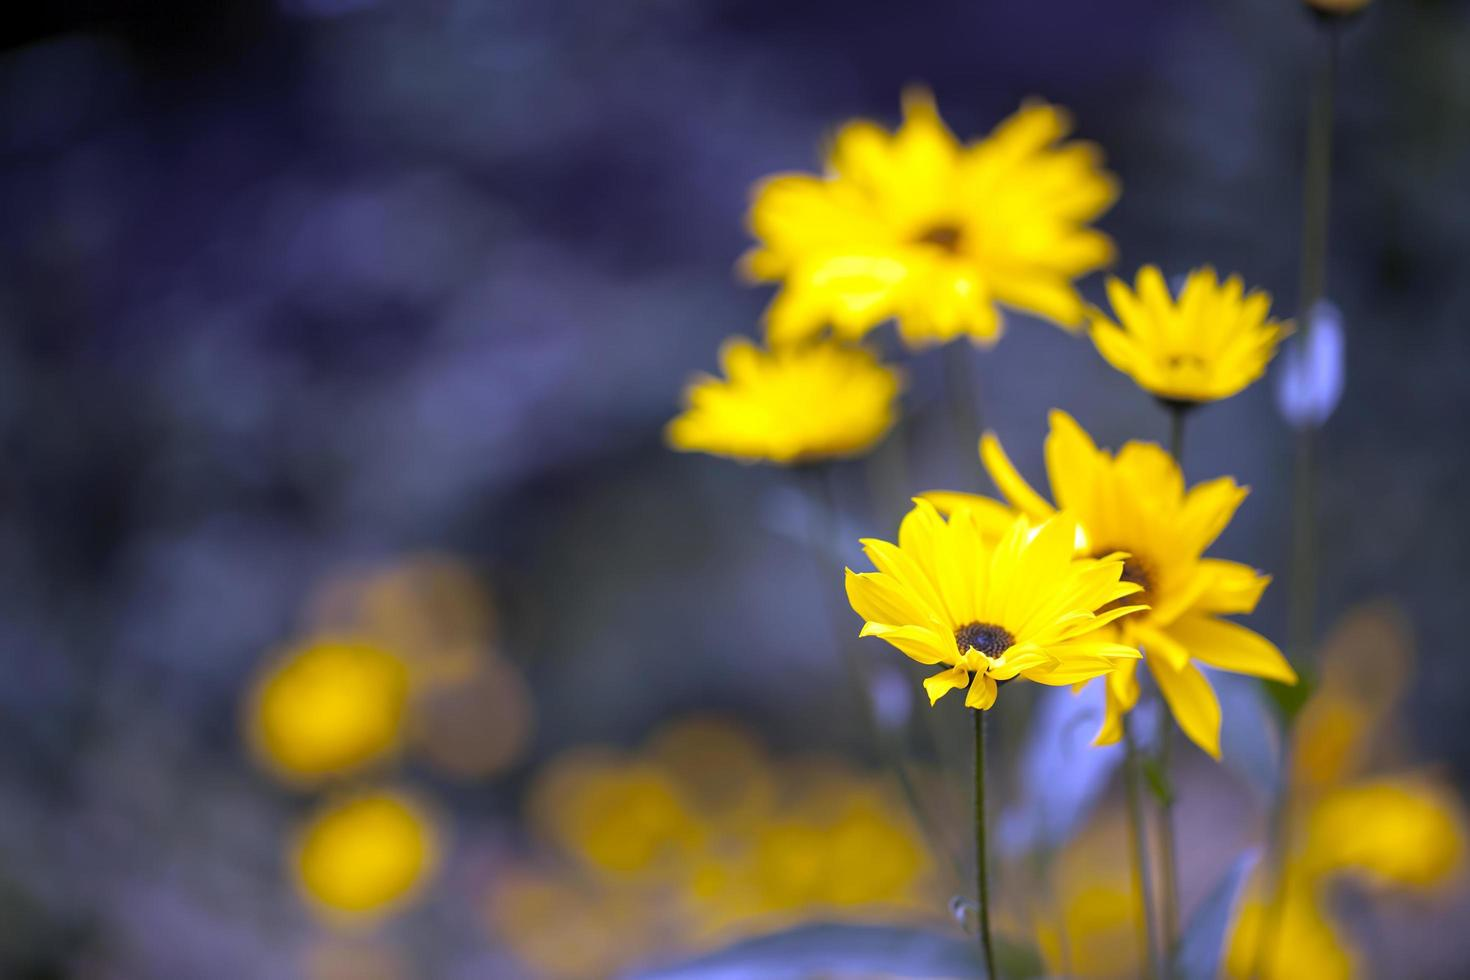 hermosa planta flores amarillas en la naturaleza foto